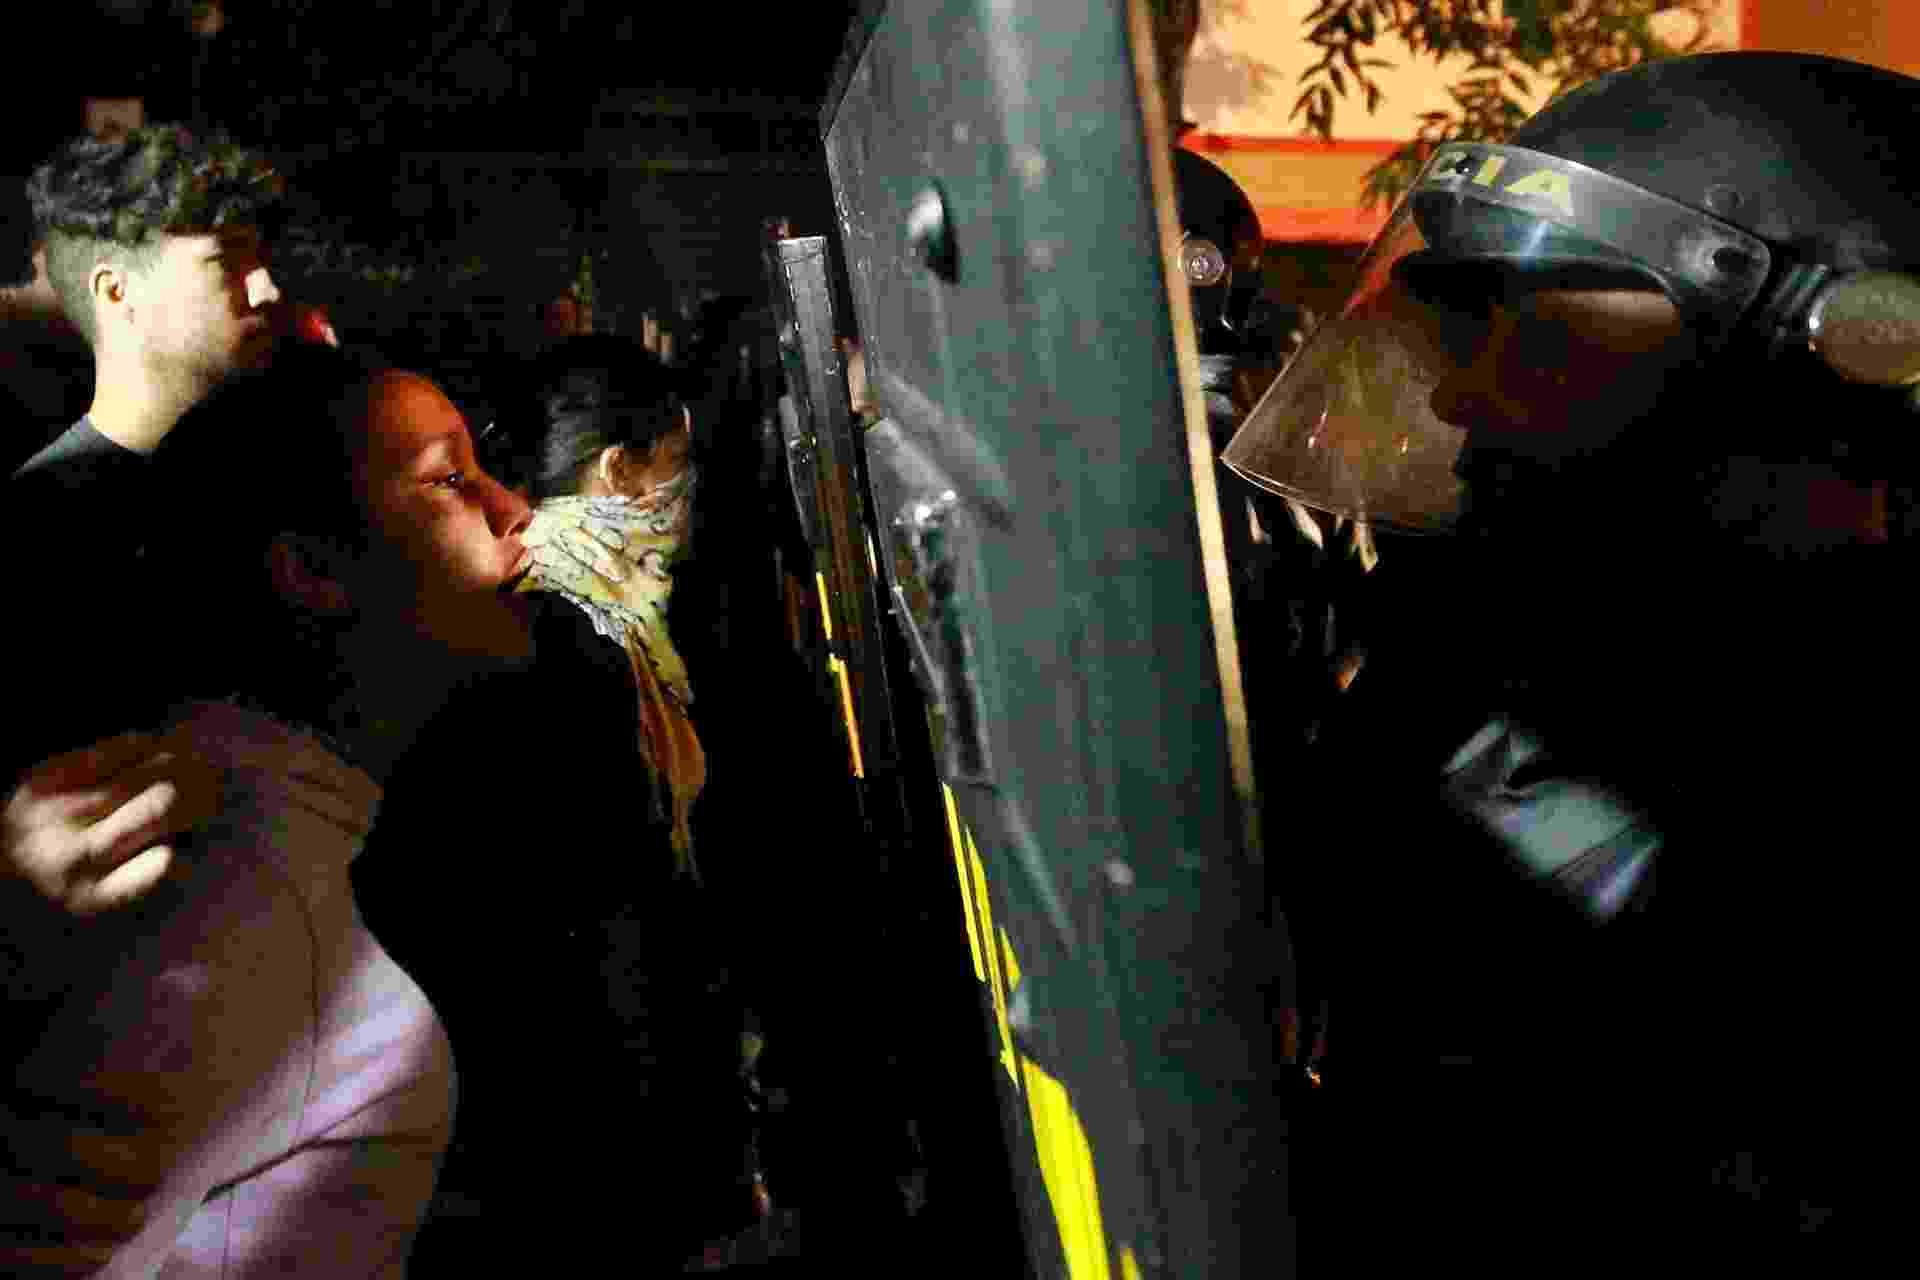 30.jul.2013 - Manifestantes encaram policiais da tropa de choque na rua Deputado Lacerda Franco, em Pinheiros, zona oeste de São Paulo, onde fica o 14º DP. Cerca de 20 pessoas foram detidas durante manifestação contra os governadores de São Paulo e Rio de Janeiro, Geraldo Alckmin e Sérgio Cabral, e um grupo de 70 pessoas aguarda do lado de fora da delegacia. Dos 20 detidos, cinco seguem na delegacia, acusados de depredar um carro da Rota - Reinaldo Canato/UOL